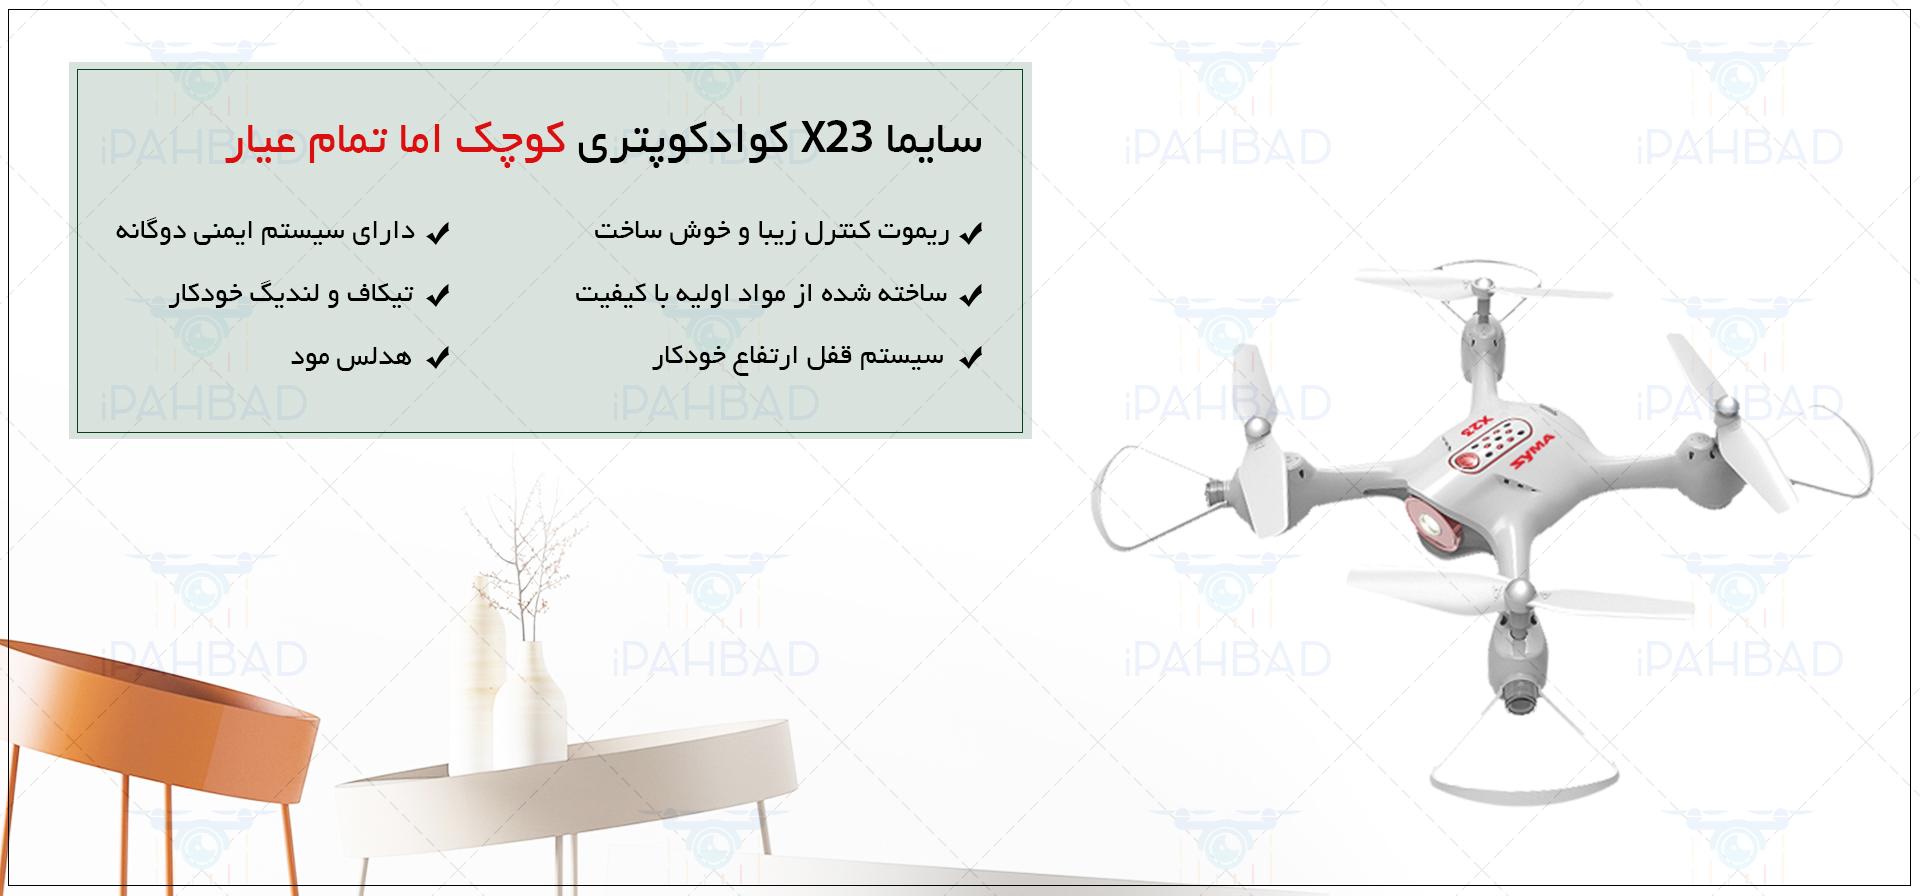 قیمت خرید کوادکوپتر کنترلی سایما Syma X23 از فروشگاه اینترنتی آی پهباد ، خرید کوادکوپتر سیما مدل ایکس 23 ، قیمت خرید کوادکوپتر سایما مدل ایکس 23 ، خرید کواد کوپتر سایما از ای پهباد